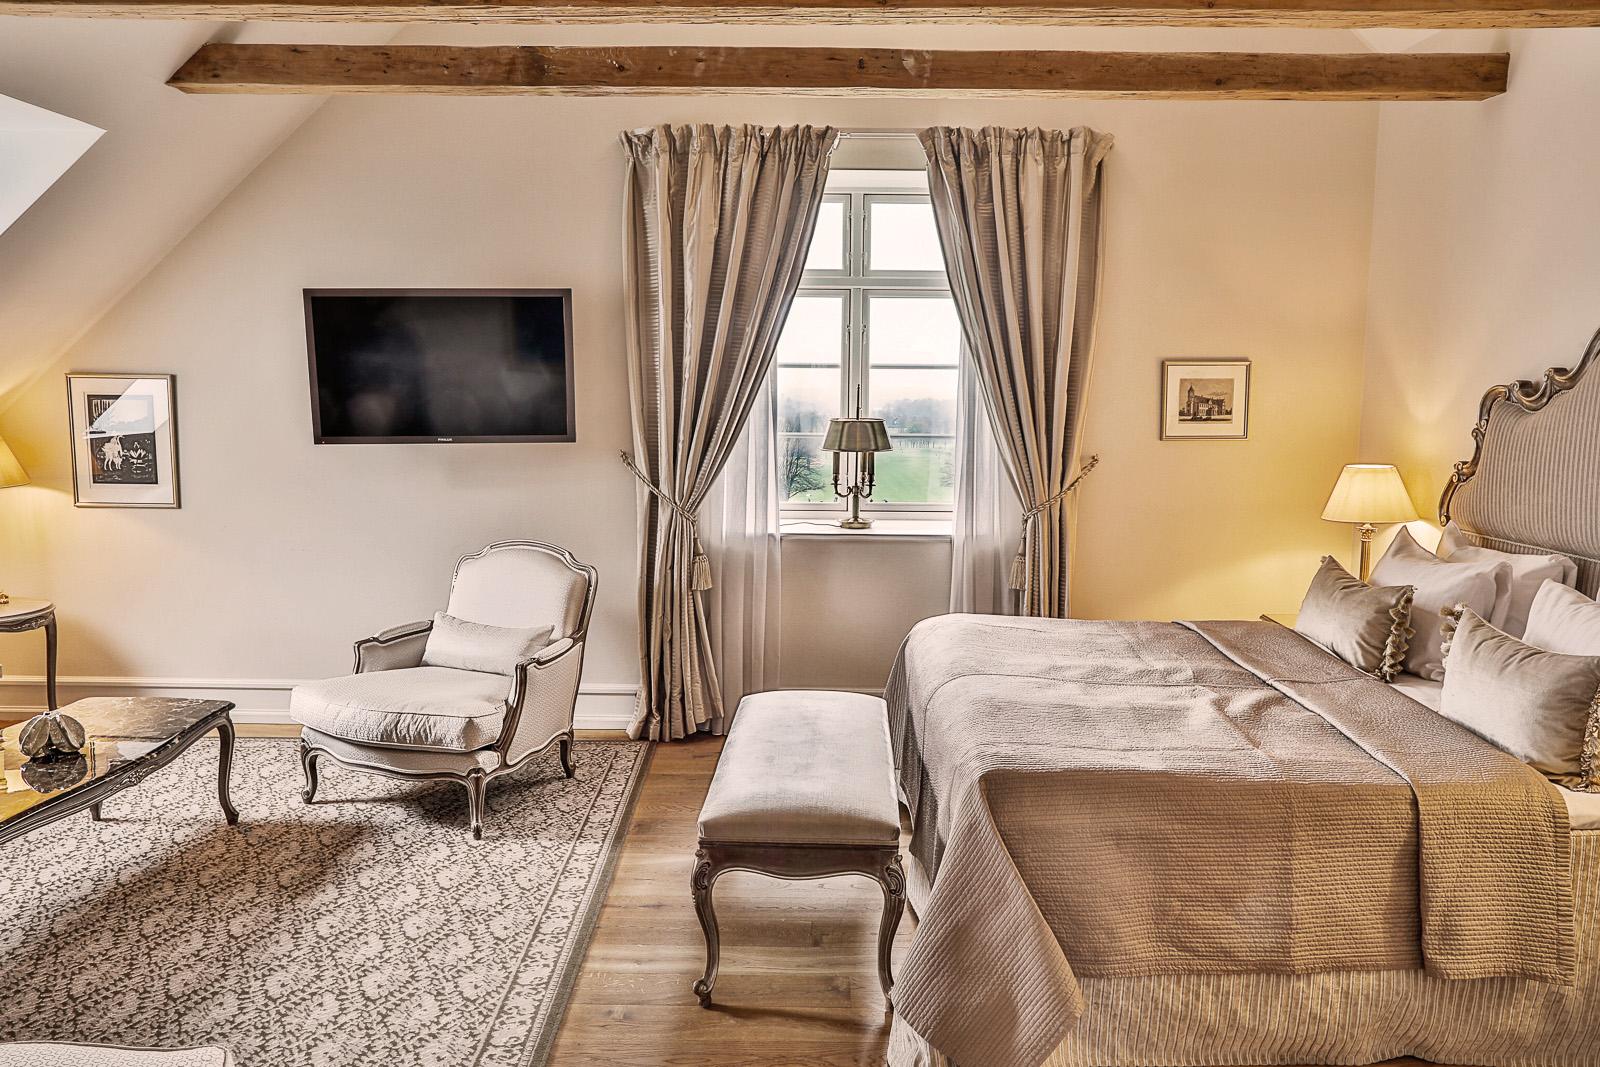 Luksus soveværelse med sølv-grå farvet sengetøj og gardiner.